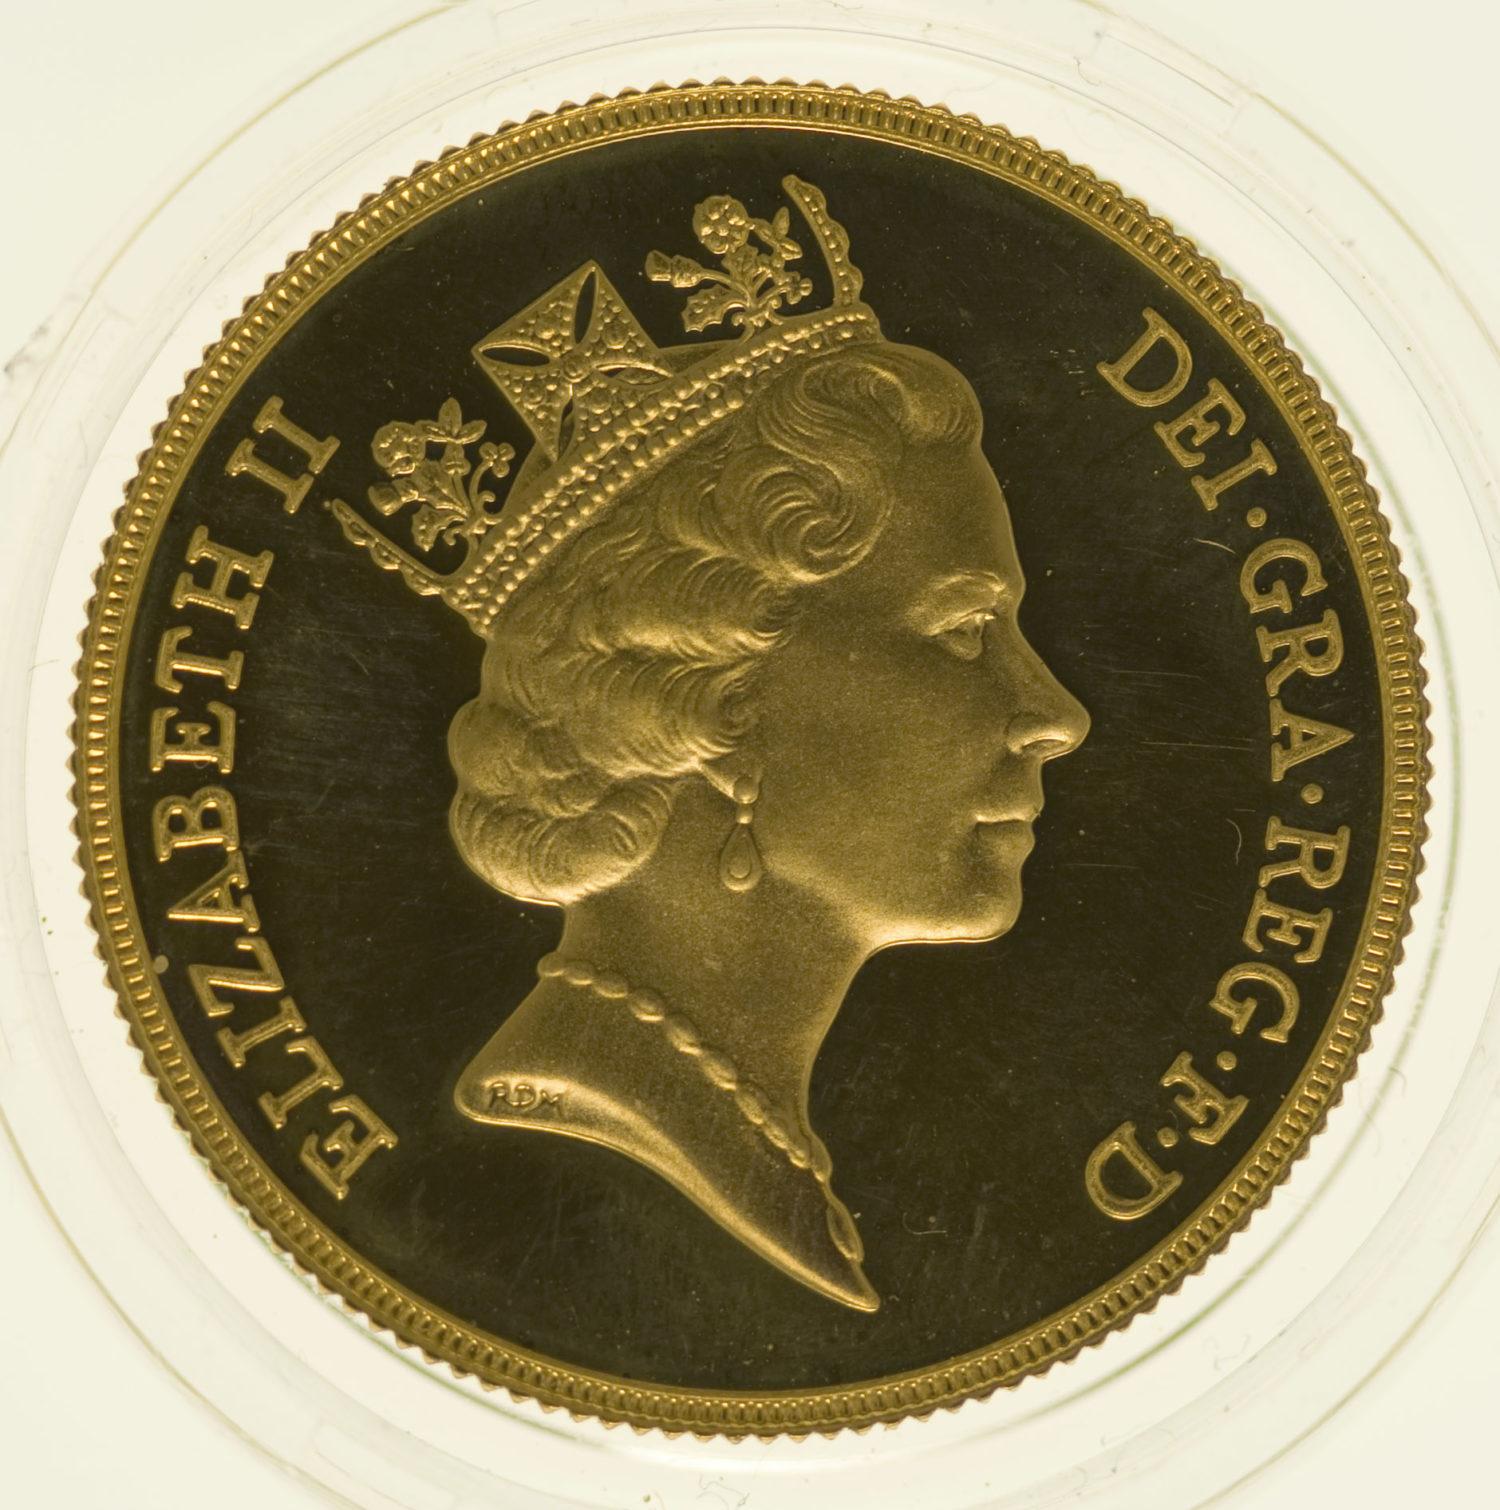 grossbritannien - Großbritannien Elisabeth II. 2 Pounds 1987